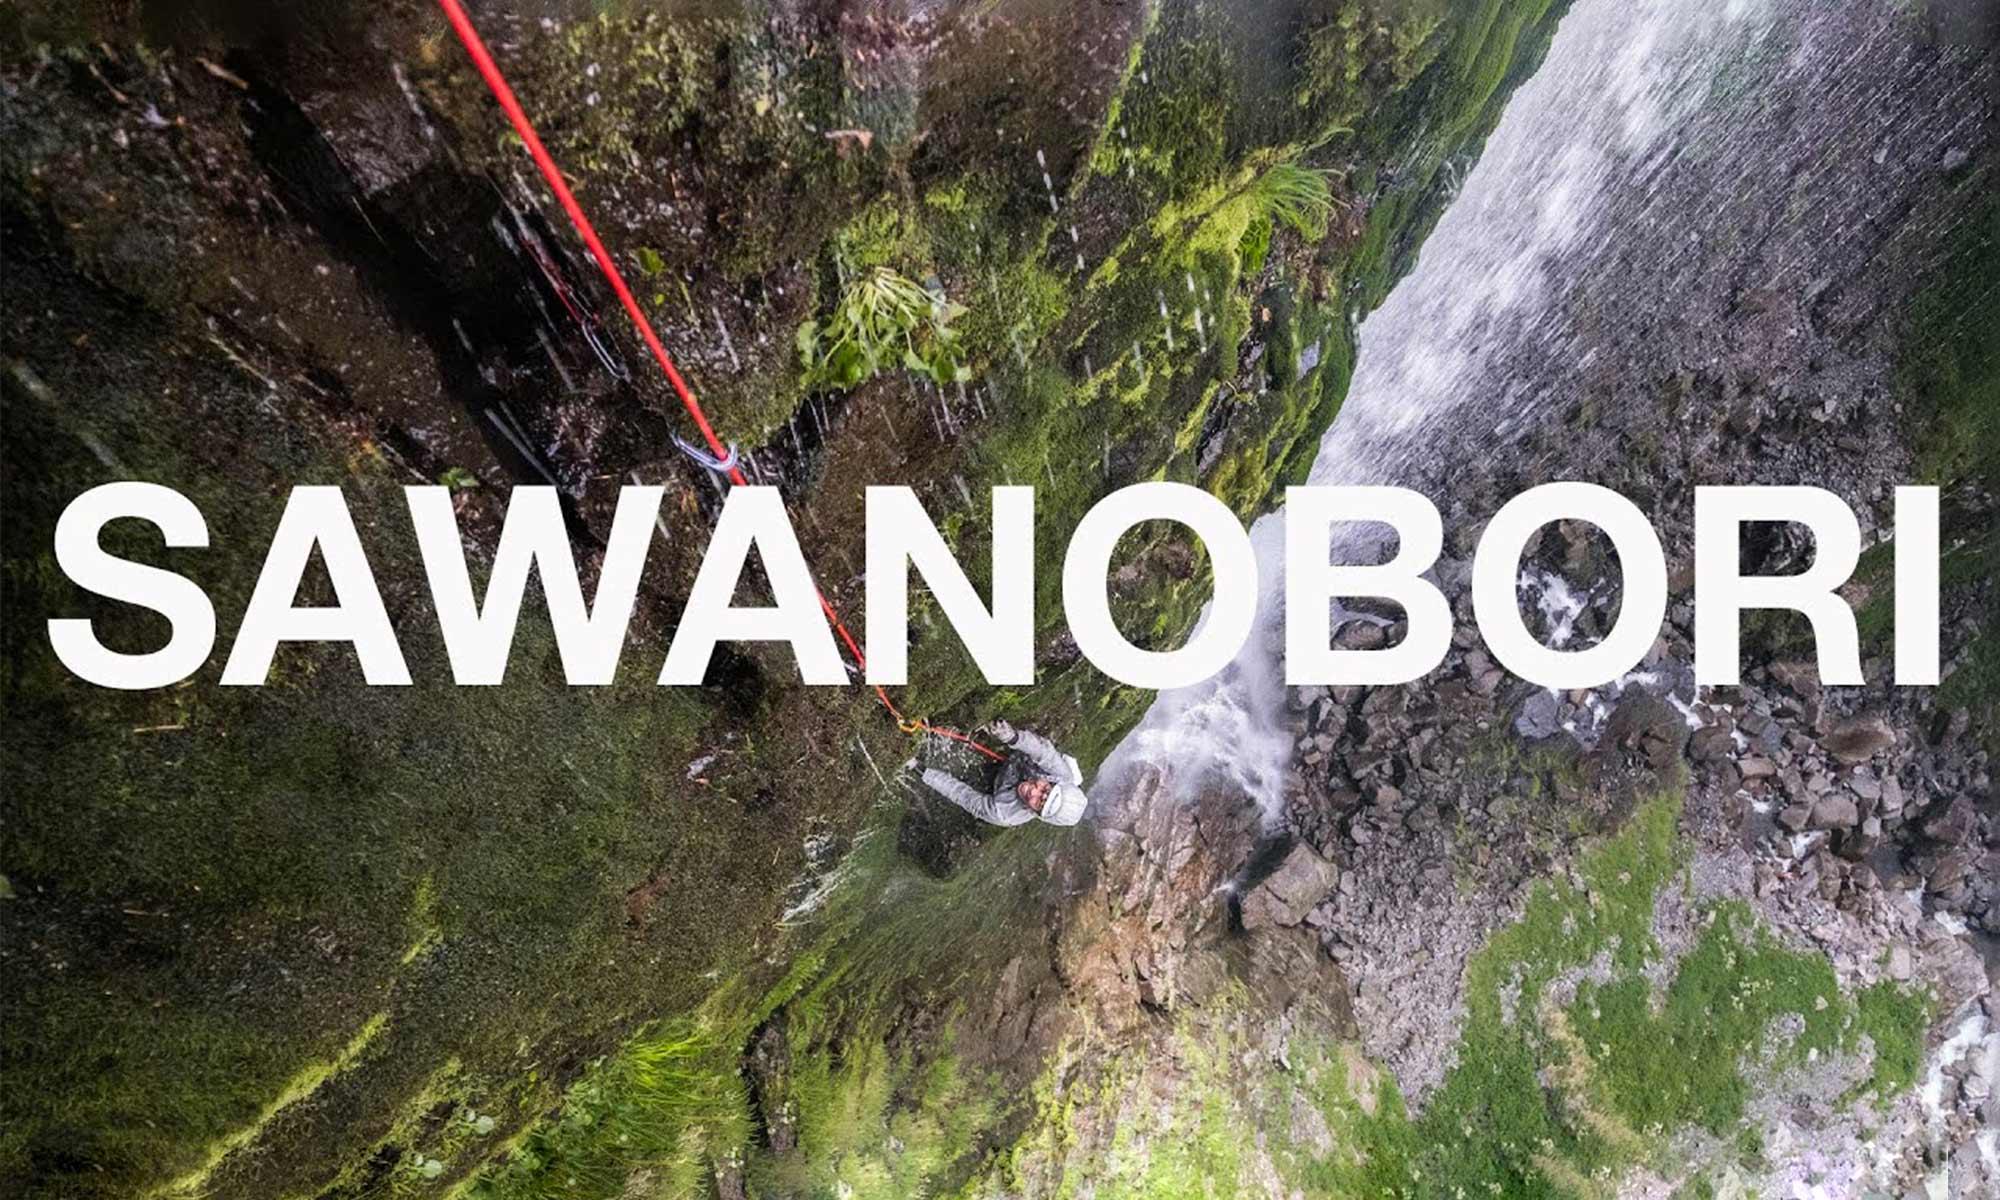 Sawanobori